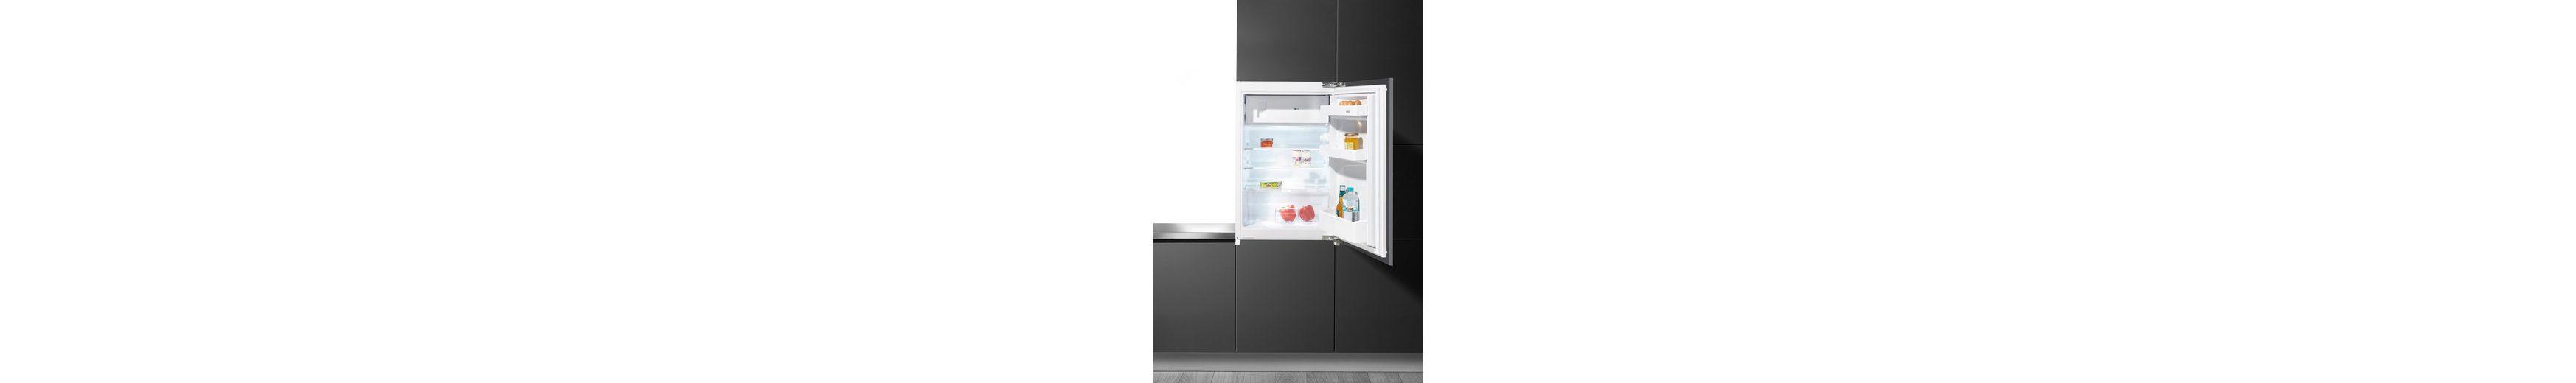 Beko integrierbarer Einbau-Kühlschrank B 1752 F, 86 cm hoch